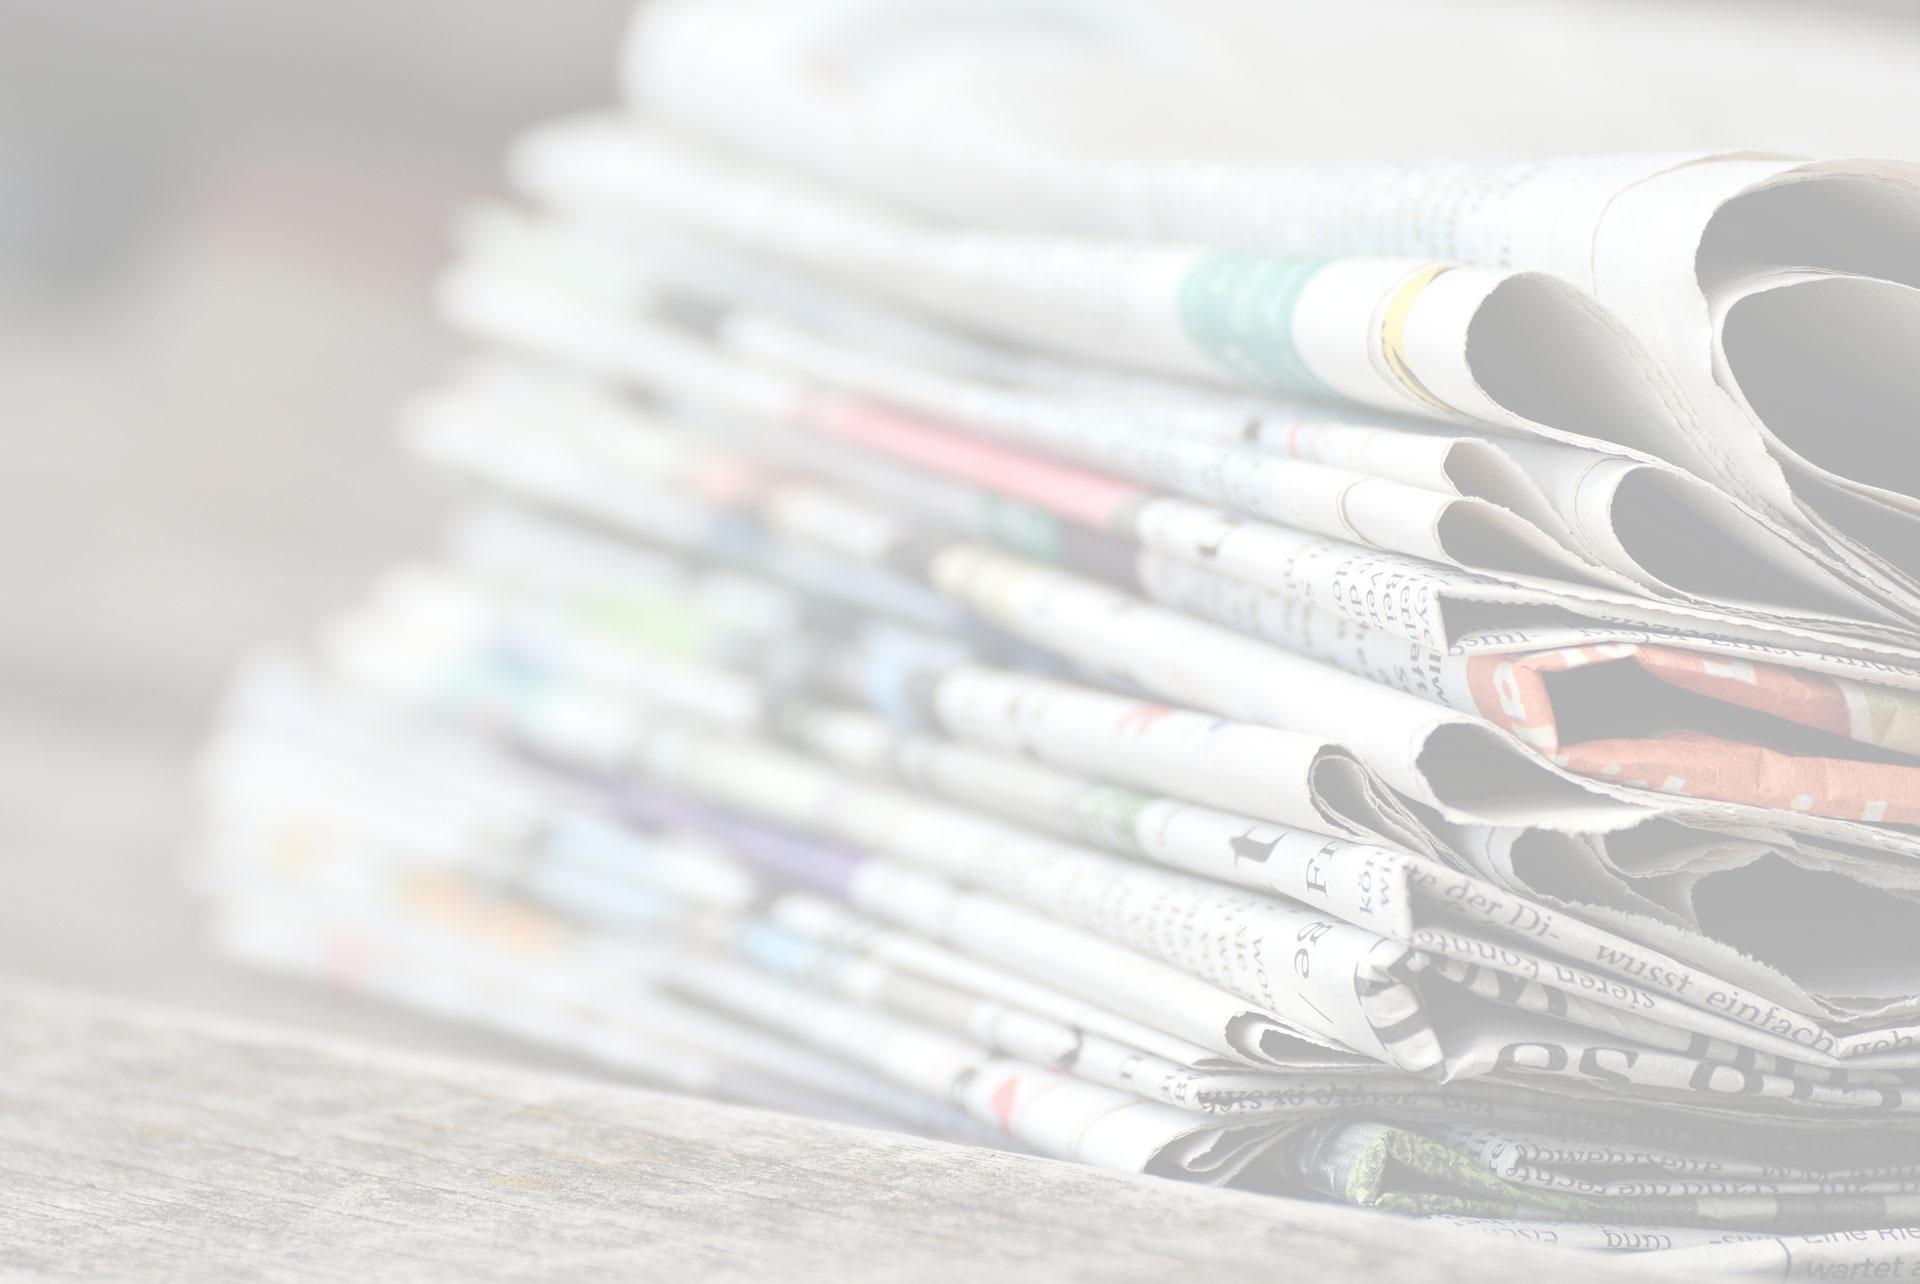 Coppa Italia, il tabellone e i risultati